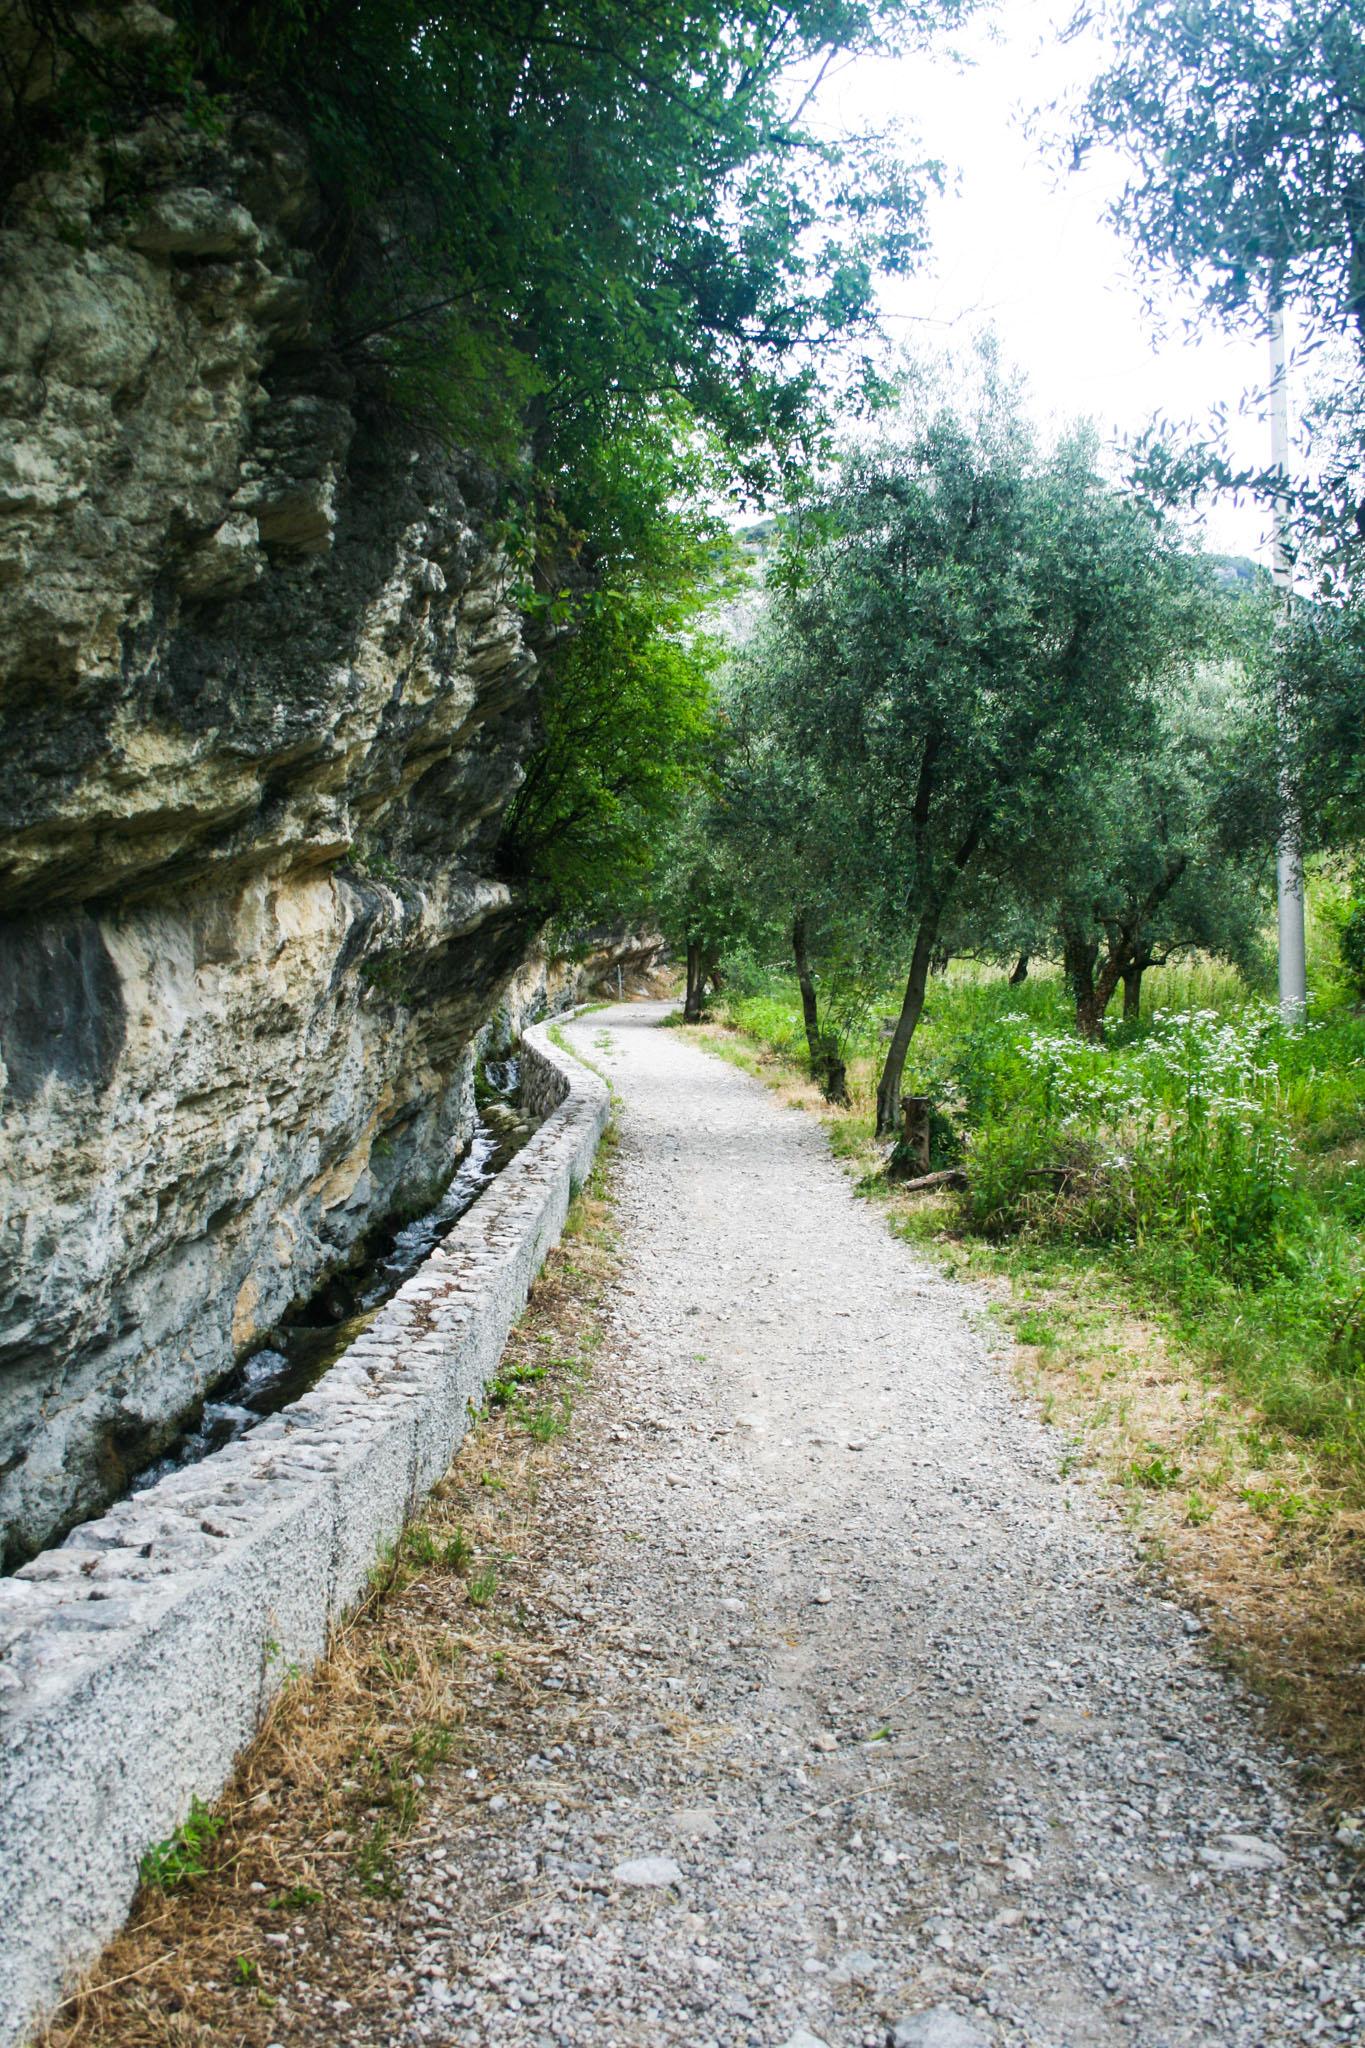 Auf dem Weg von Torbole zu den Marmitte dei Giganti